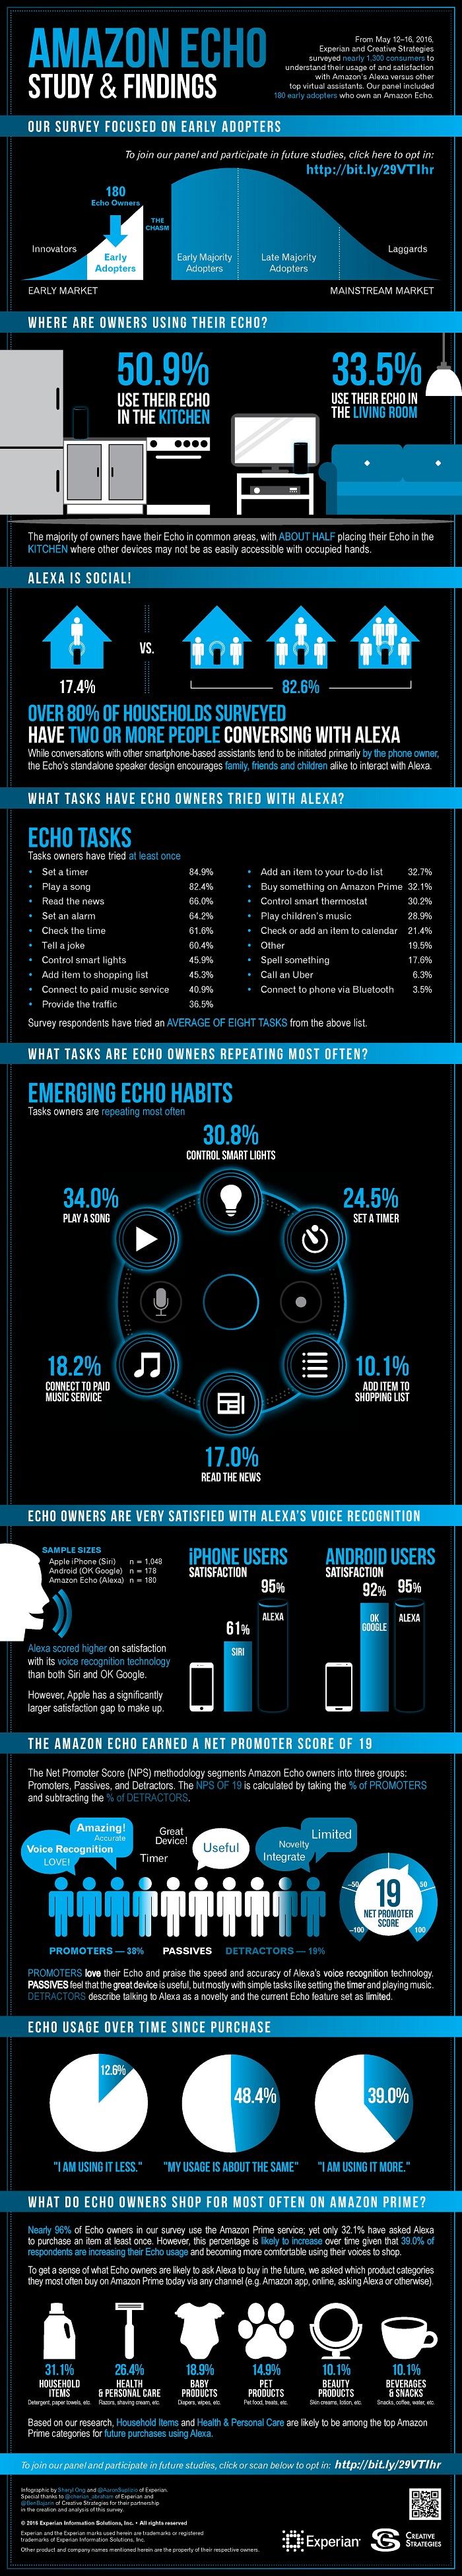 amazon-echo-infographic